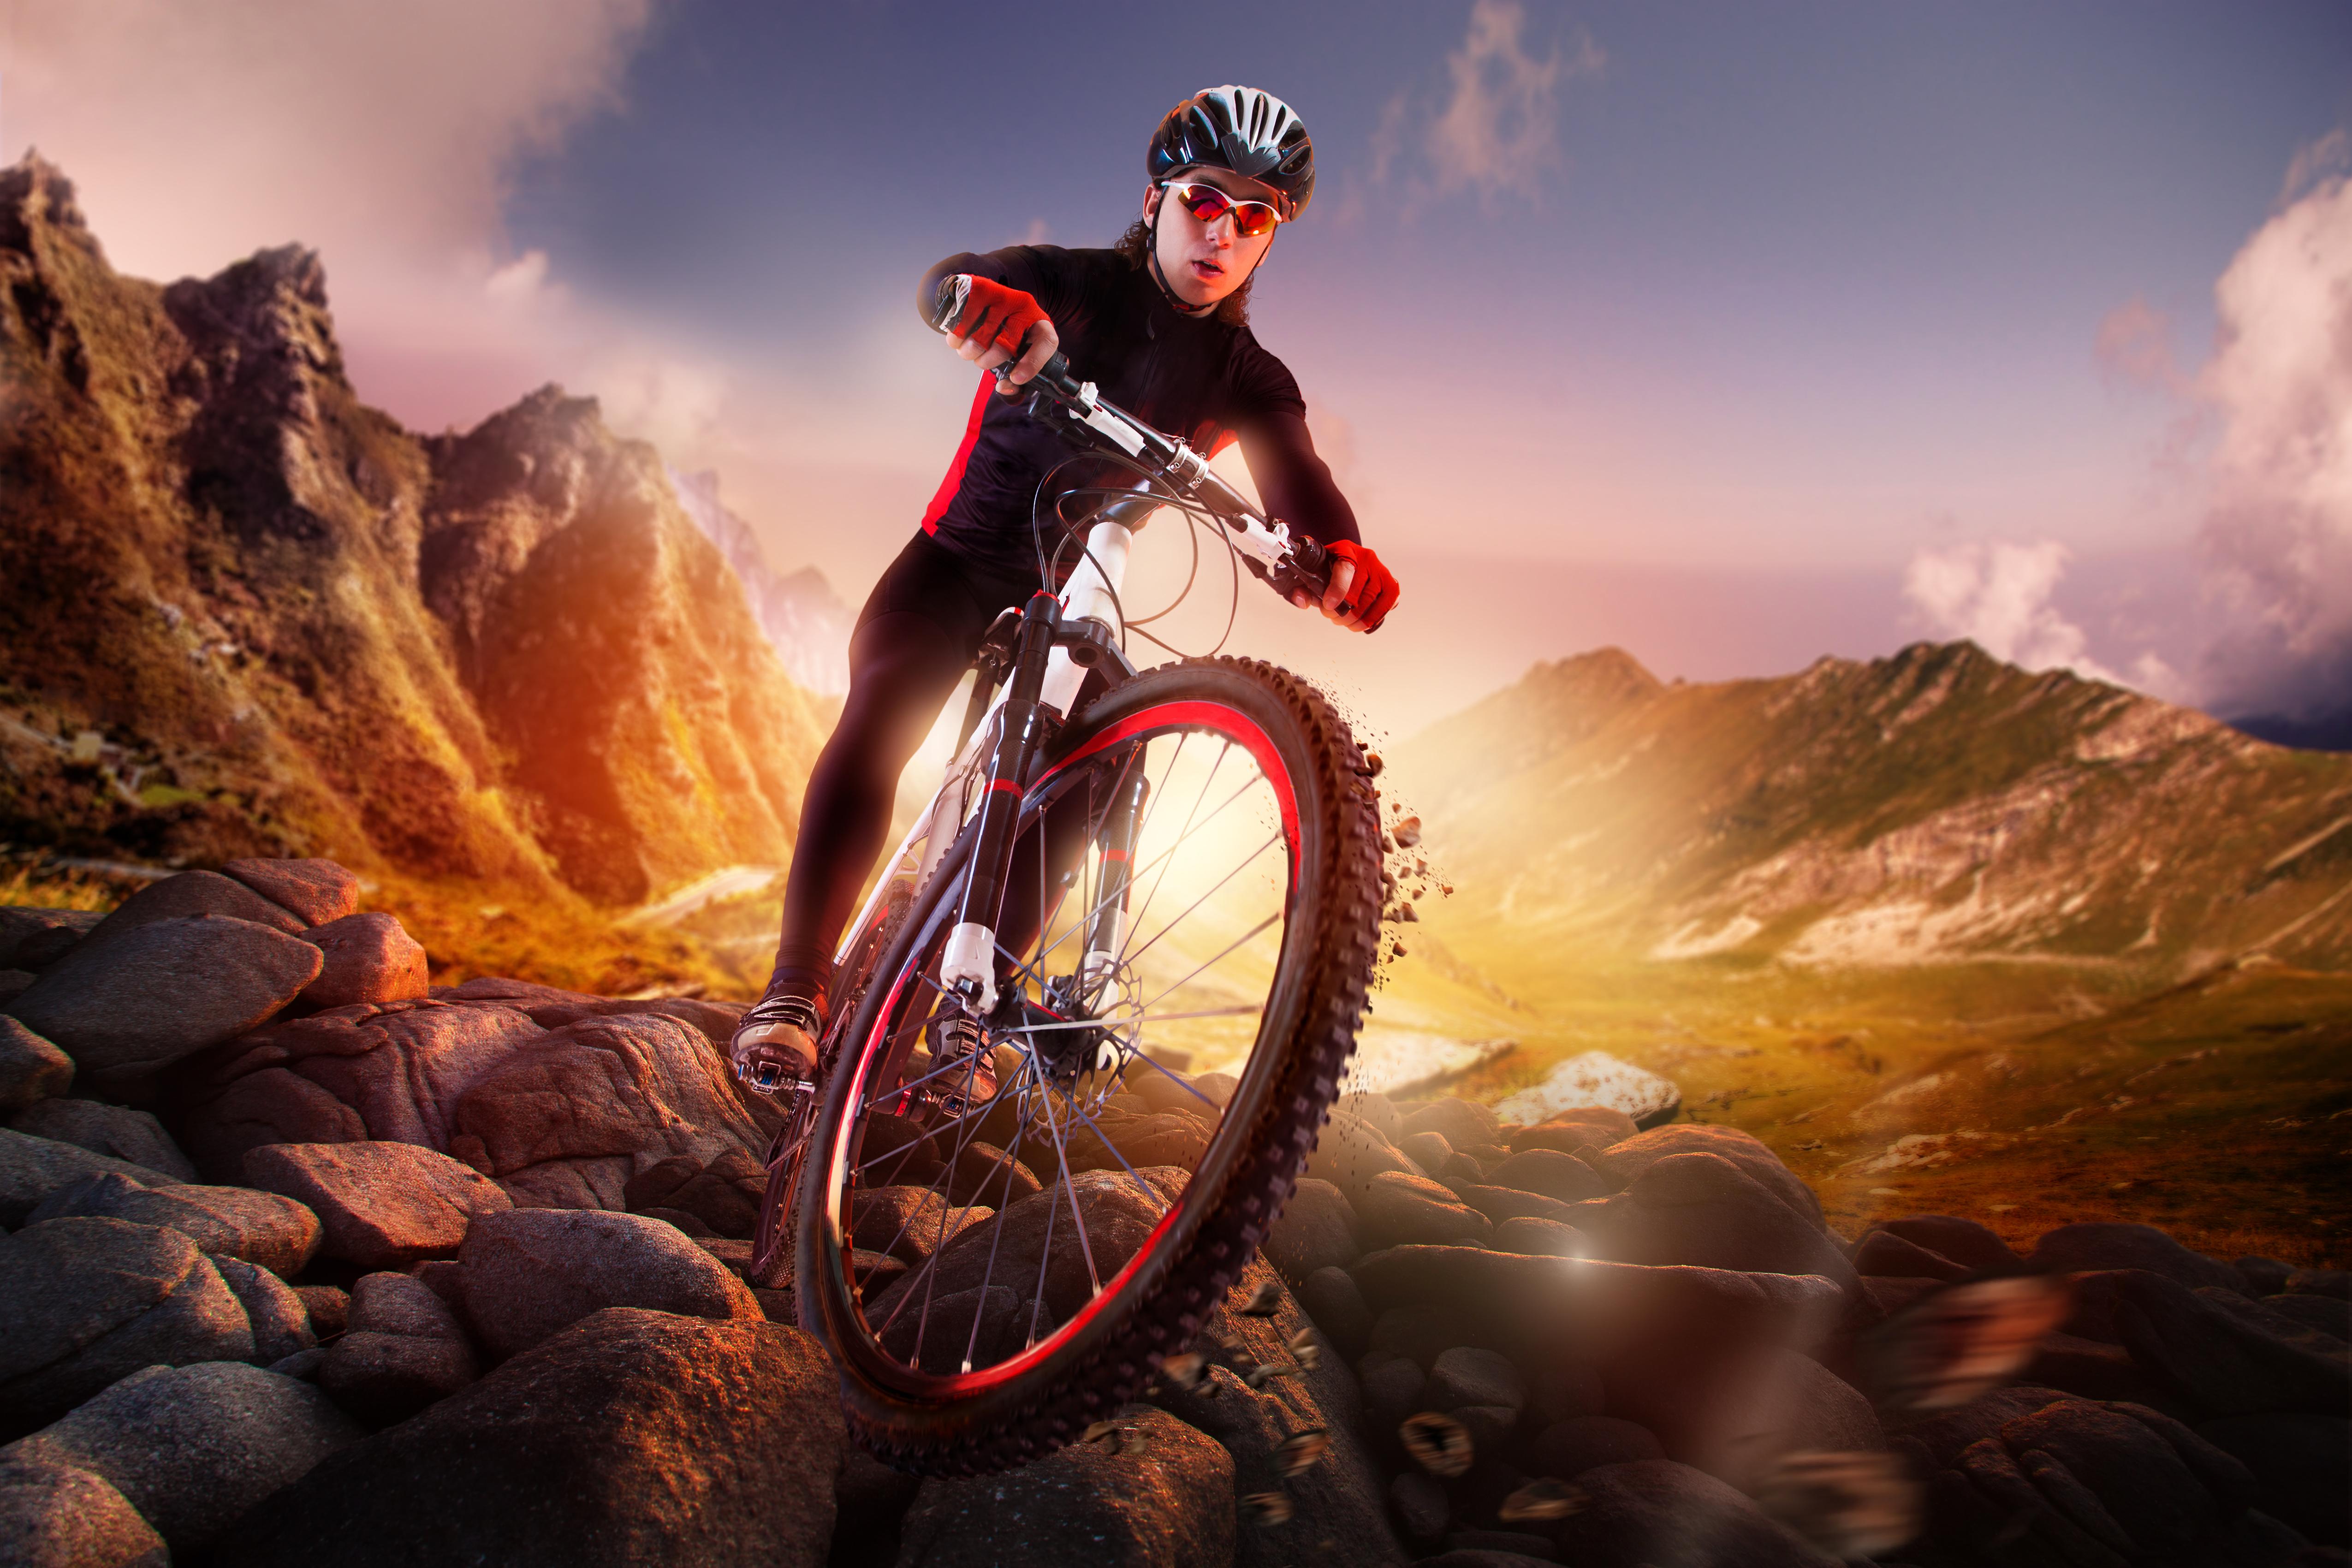 спорт велосипед споротсмен мужчина  № 1633617 бесплатно